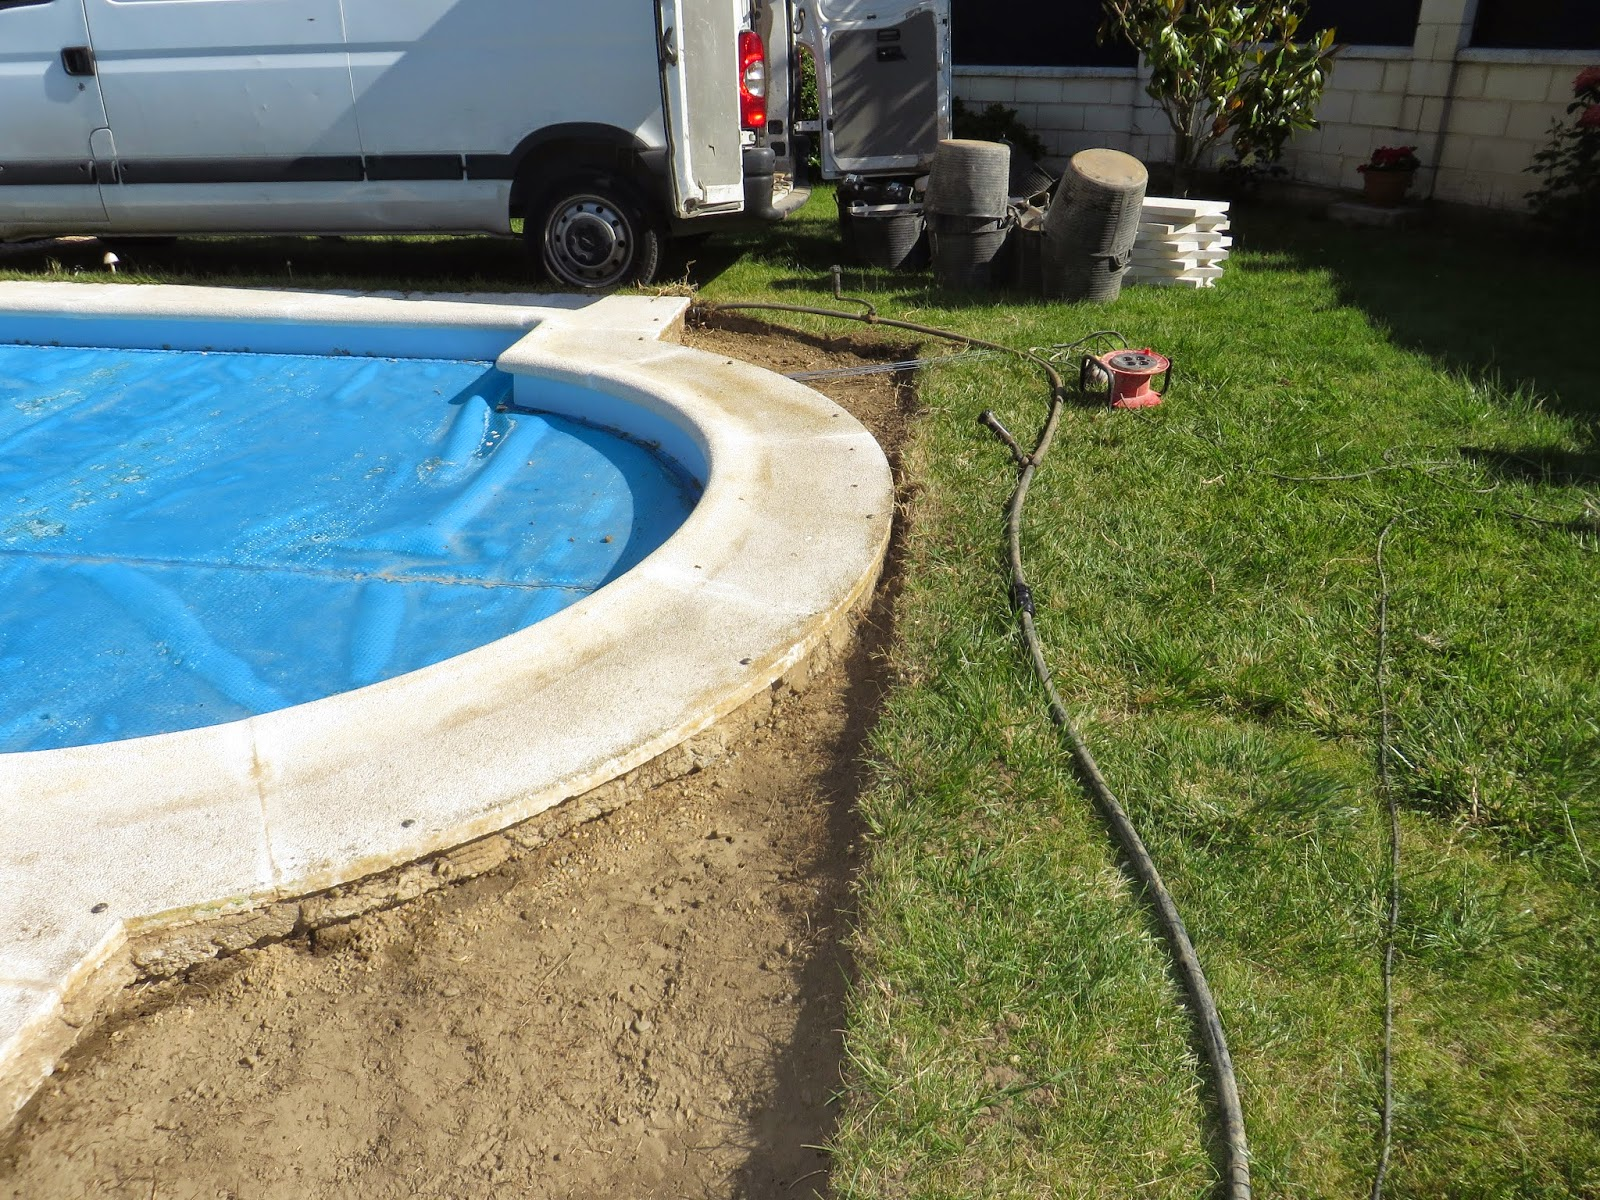 Reformasvillasolle nmultiservicios multiservicios - Presupuestos para piscinas ...